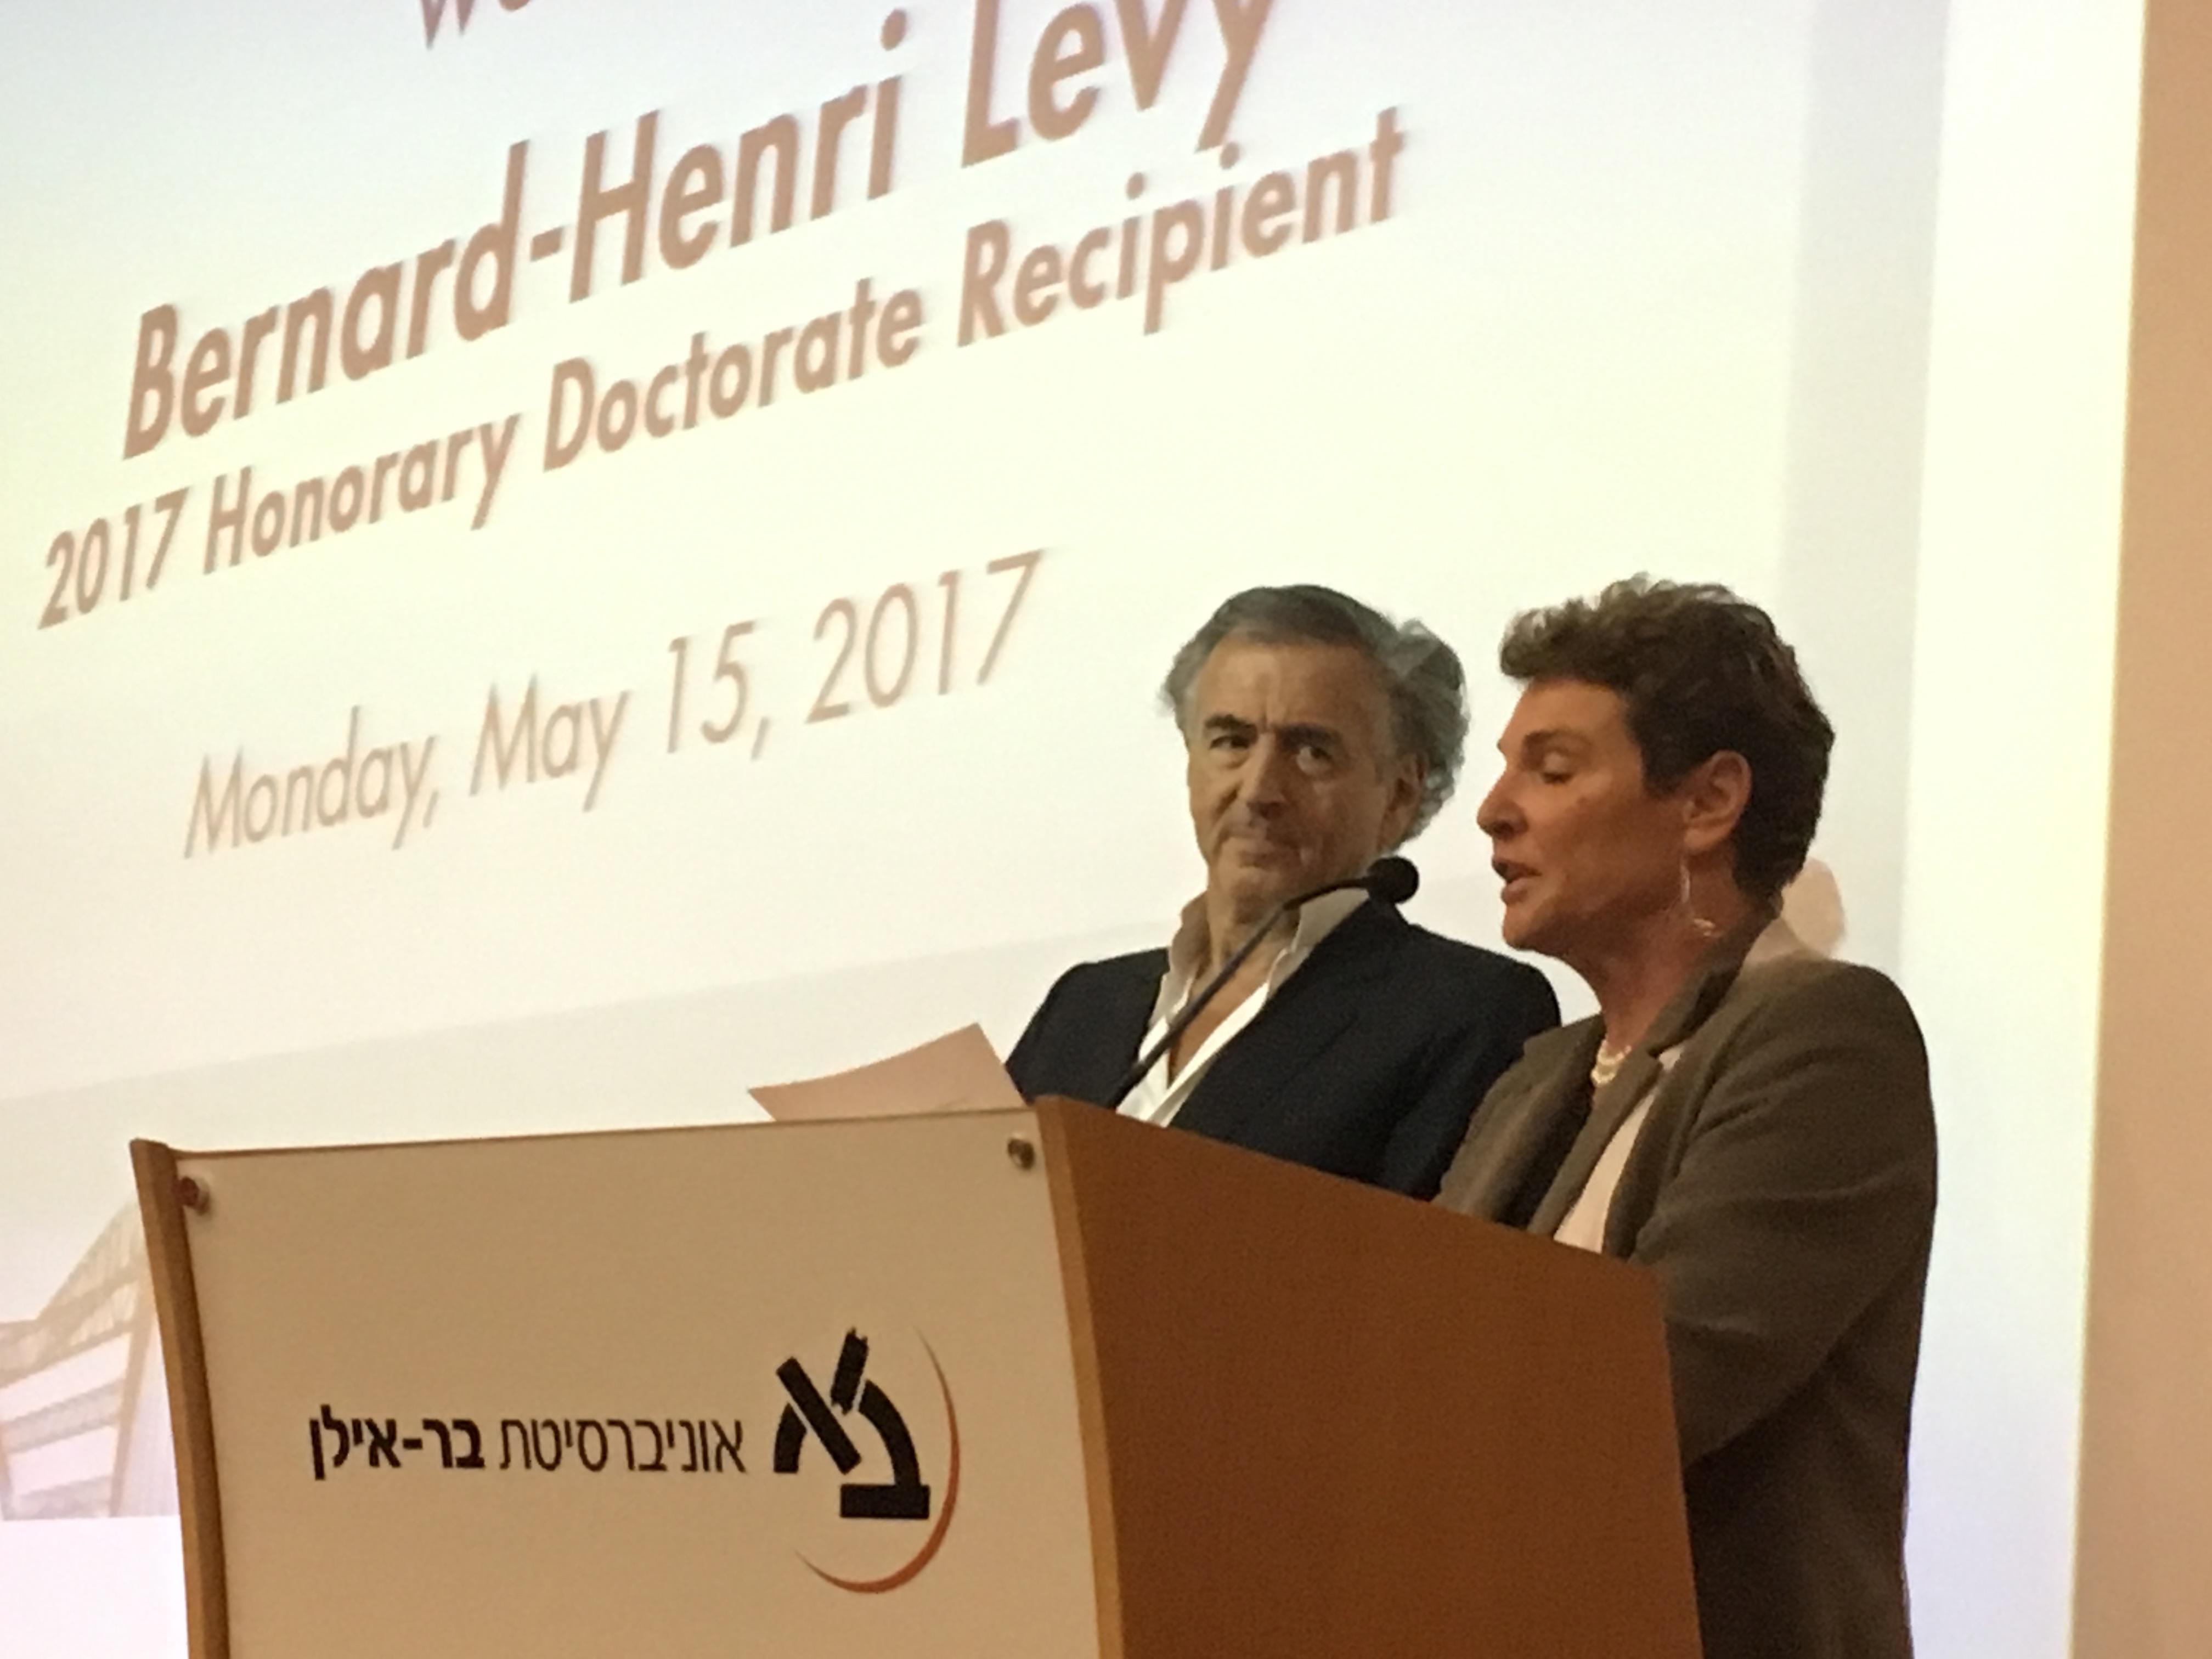 Bernard-Henri Lévy, Docteur Honoris Causa